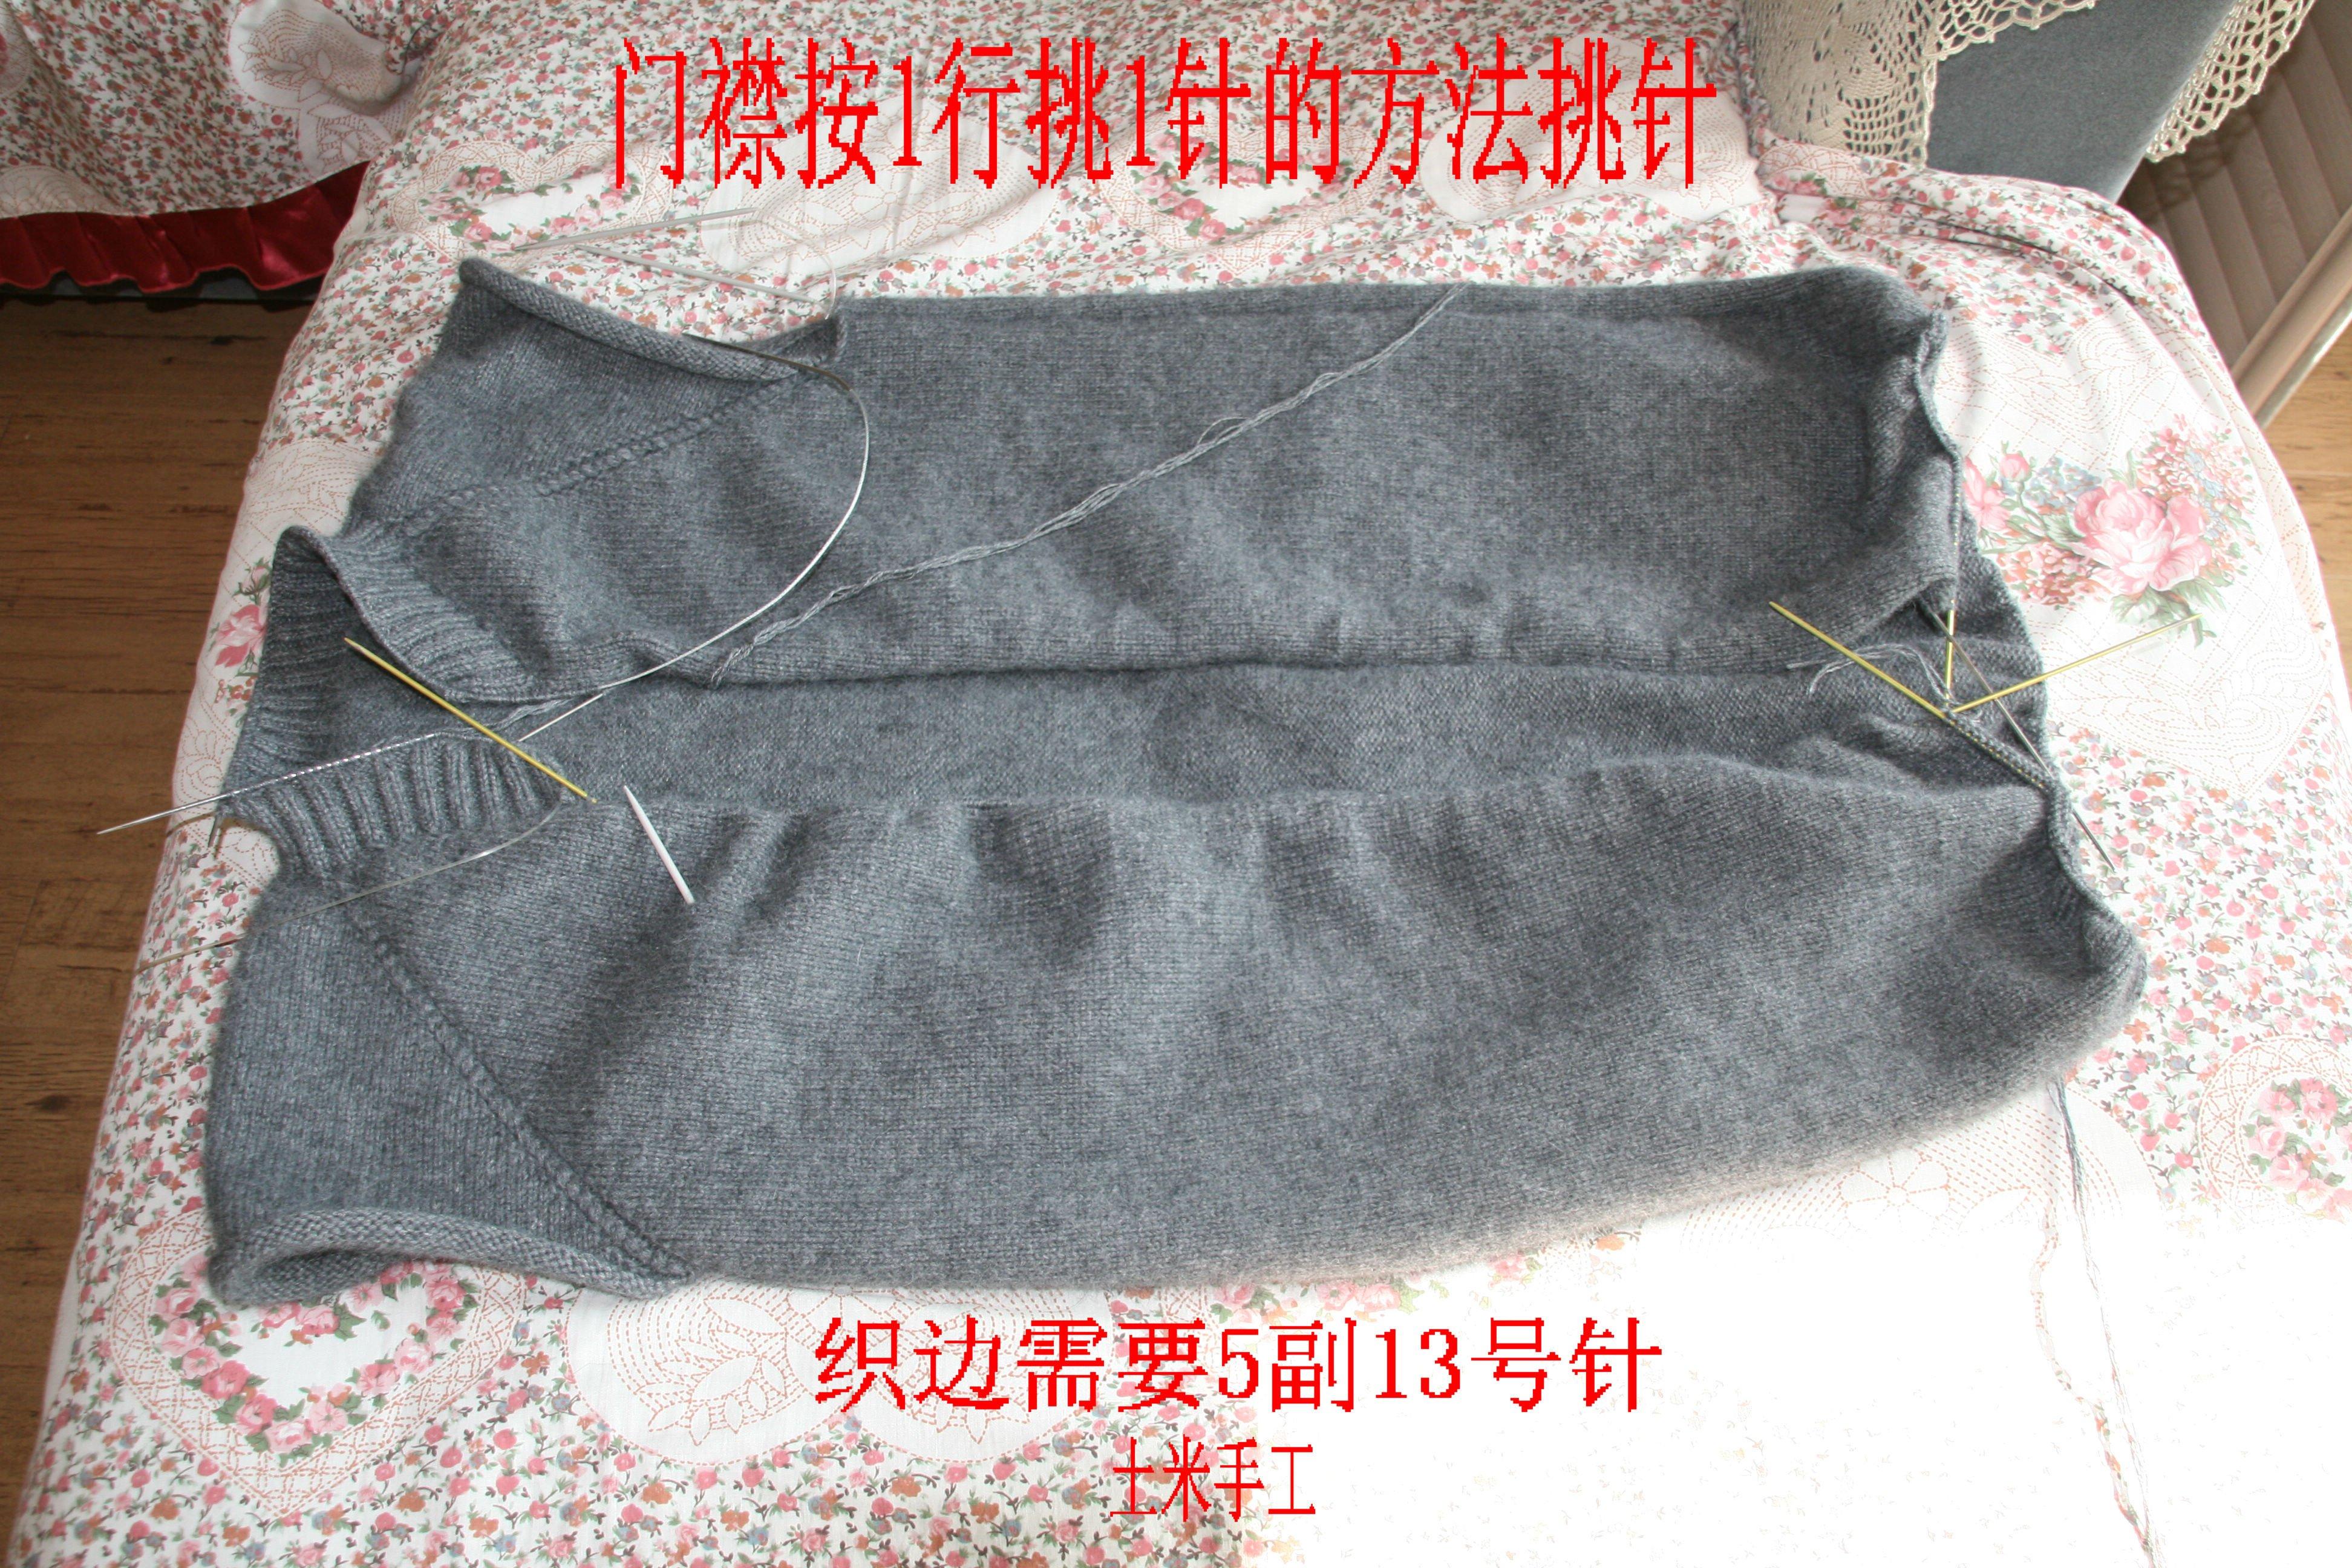 貂绒大衣 021.jpg